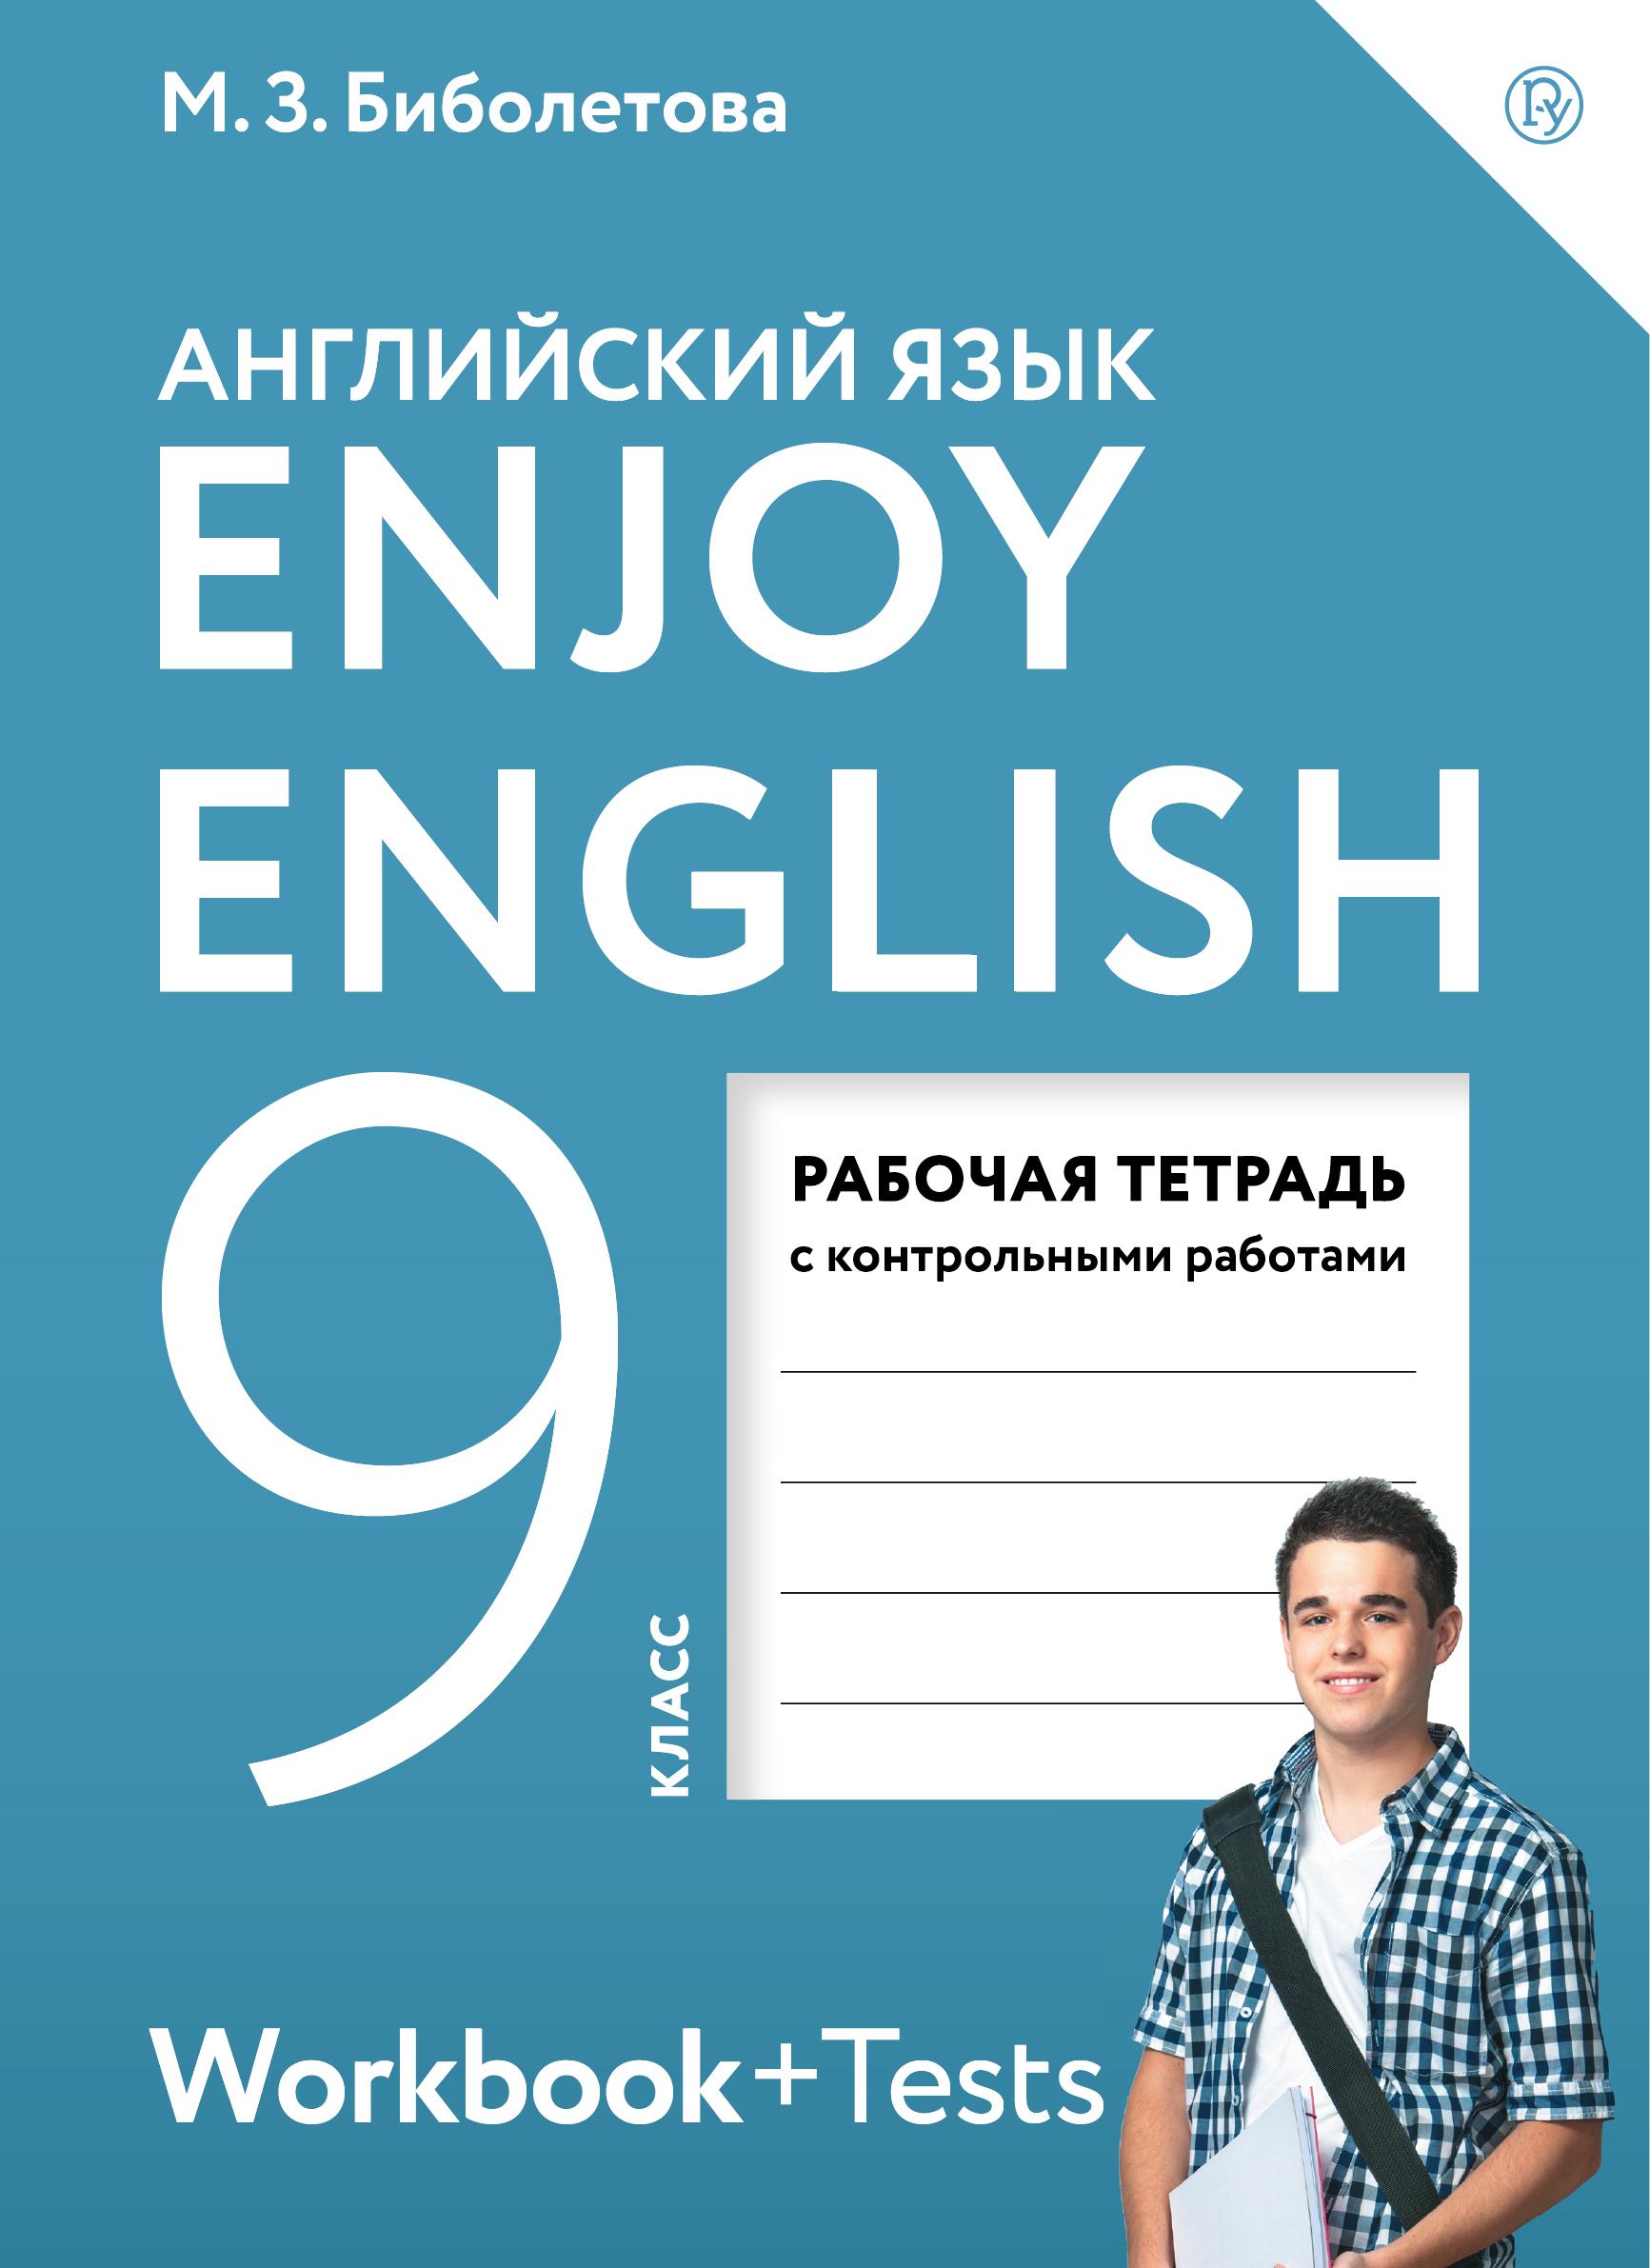 Гдз по английскому языку 9 класс enjoy | готовые домашние задания.